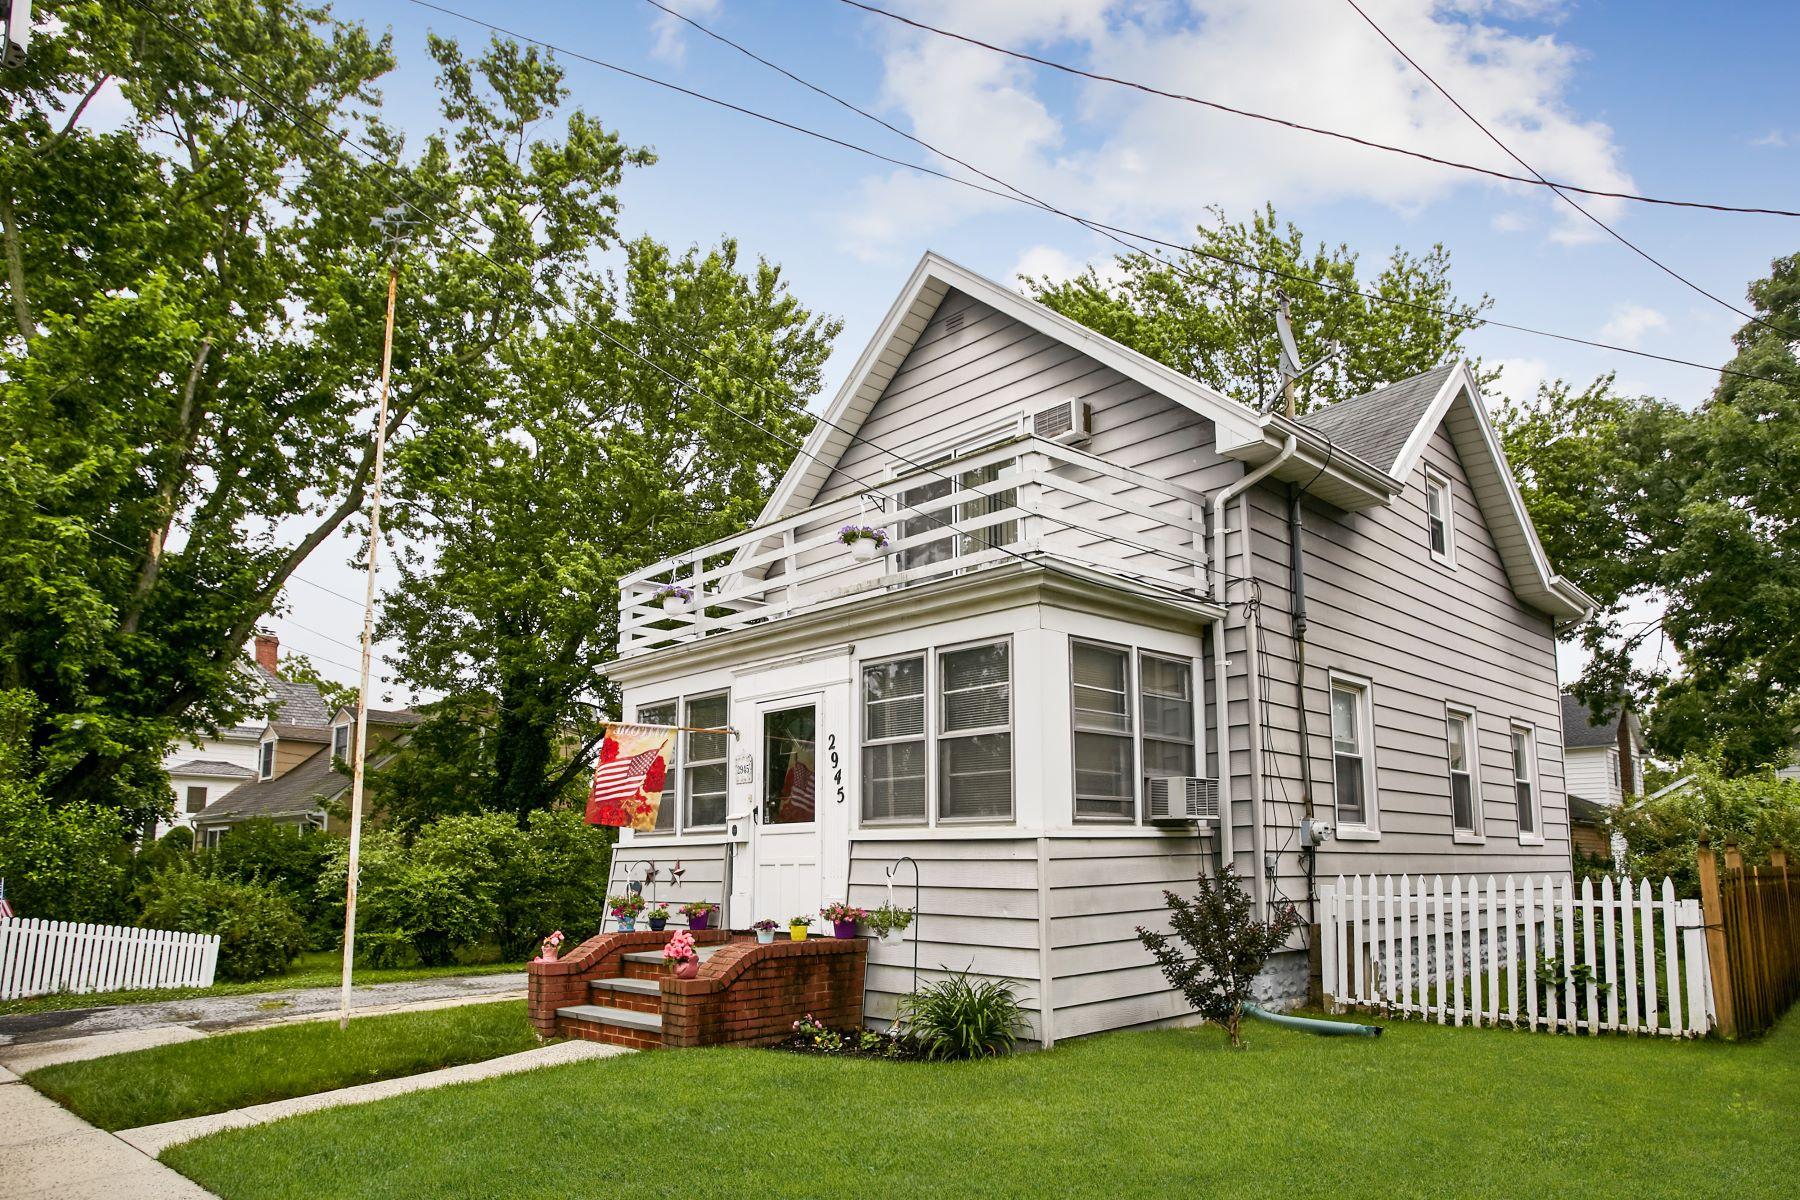 Single Family Homes for Active at Oceanside 2945 Stevens St Oceanside, New York 11572 United States